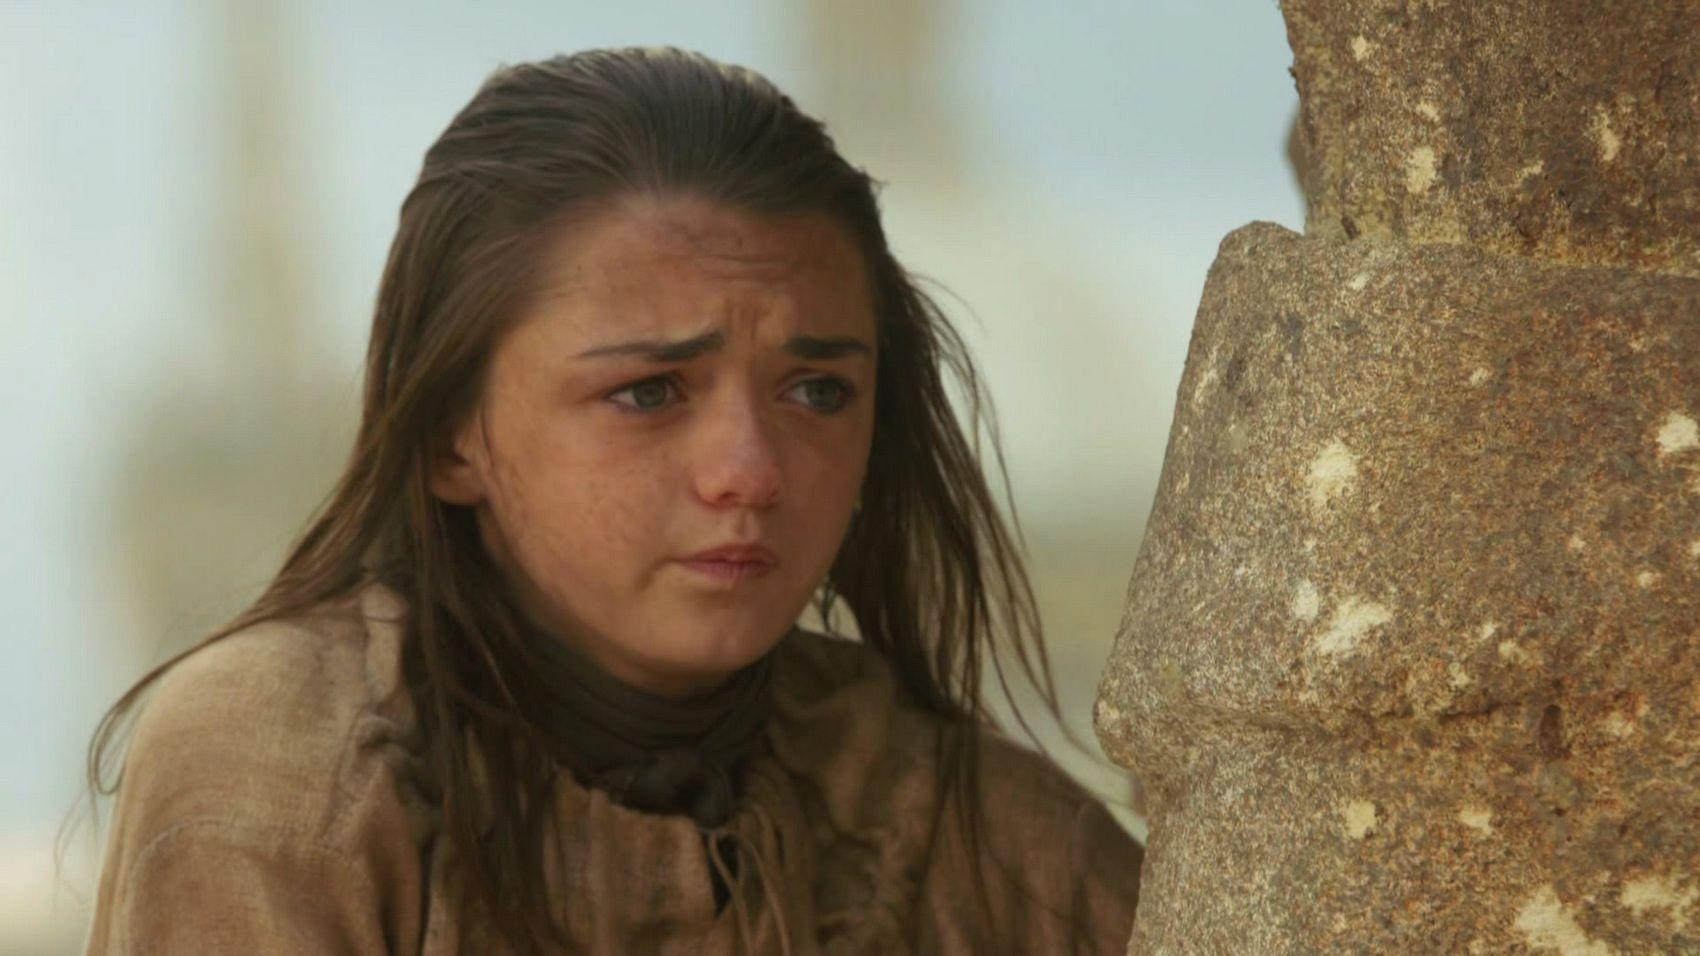 Arya Stark - Arya Stark Photo (23881751) - Fanpop #AryaStark #gameofthrones…